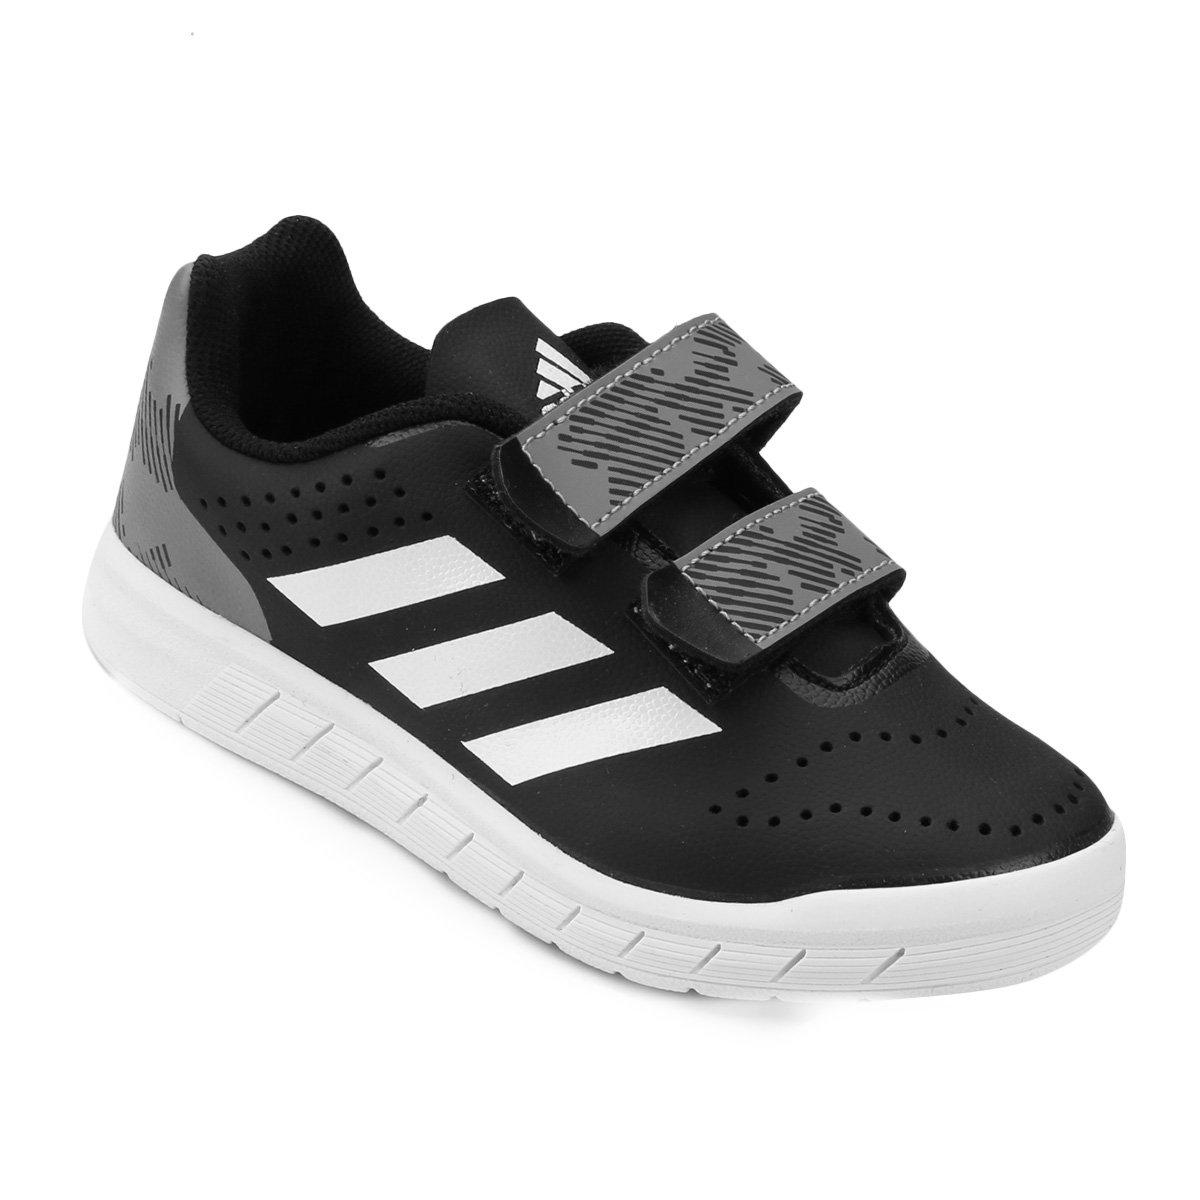 Tênis Infantil Adidas Quicksport Cf C Velcro  4f9c2956a578d